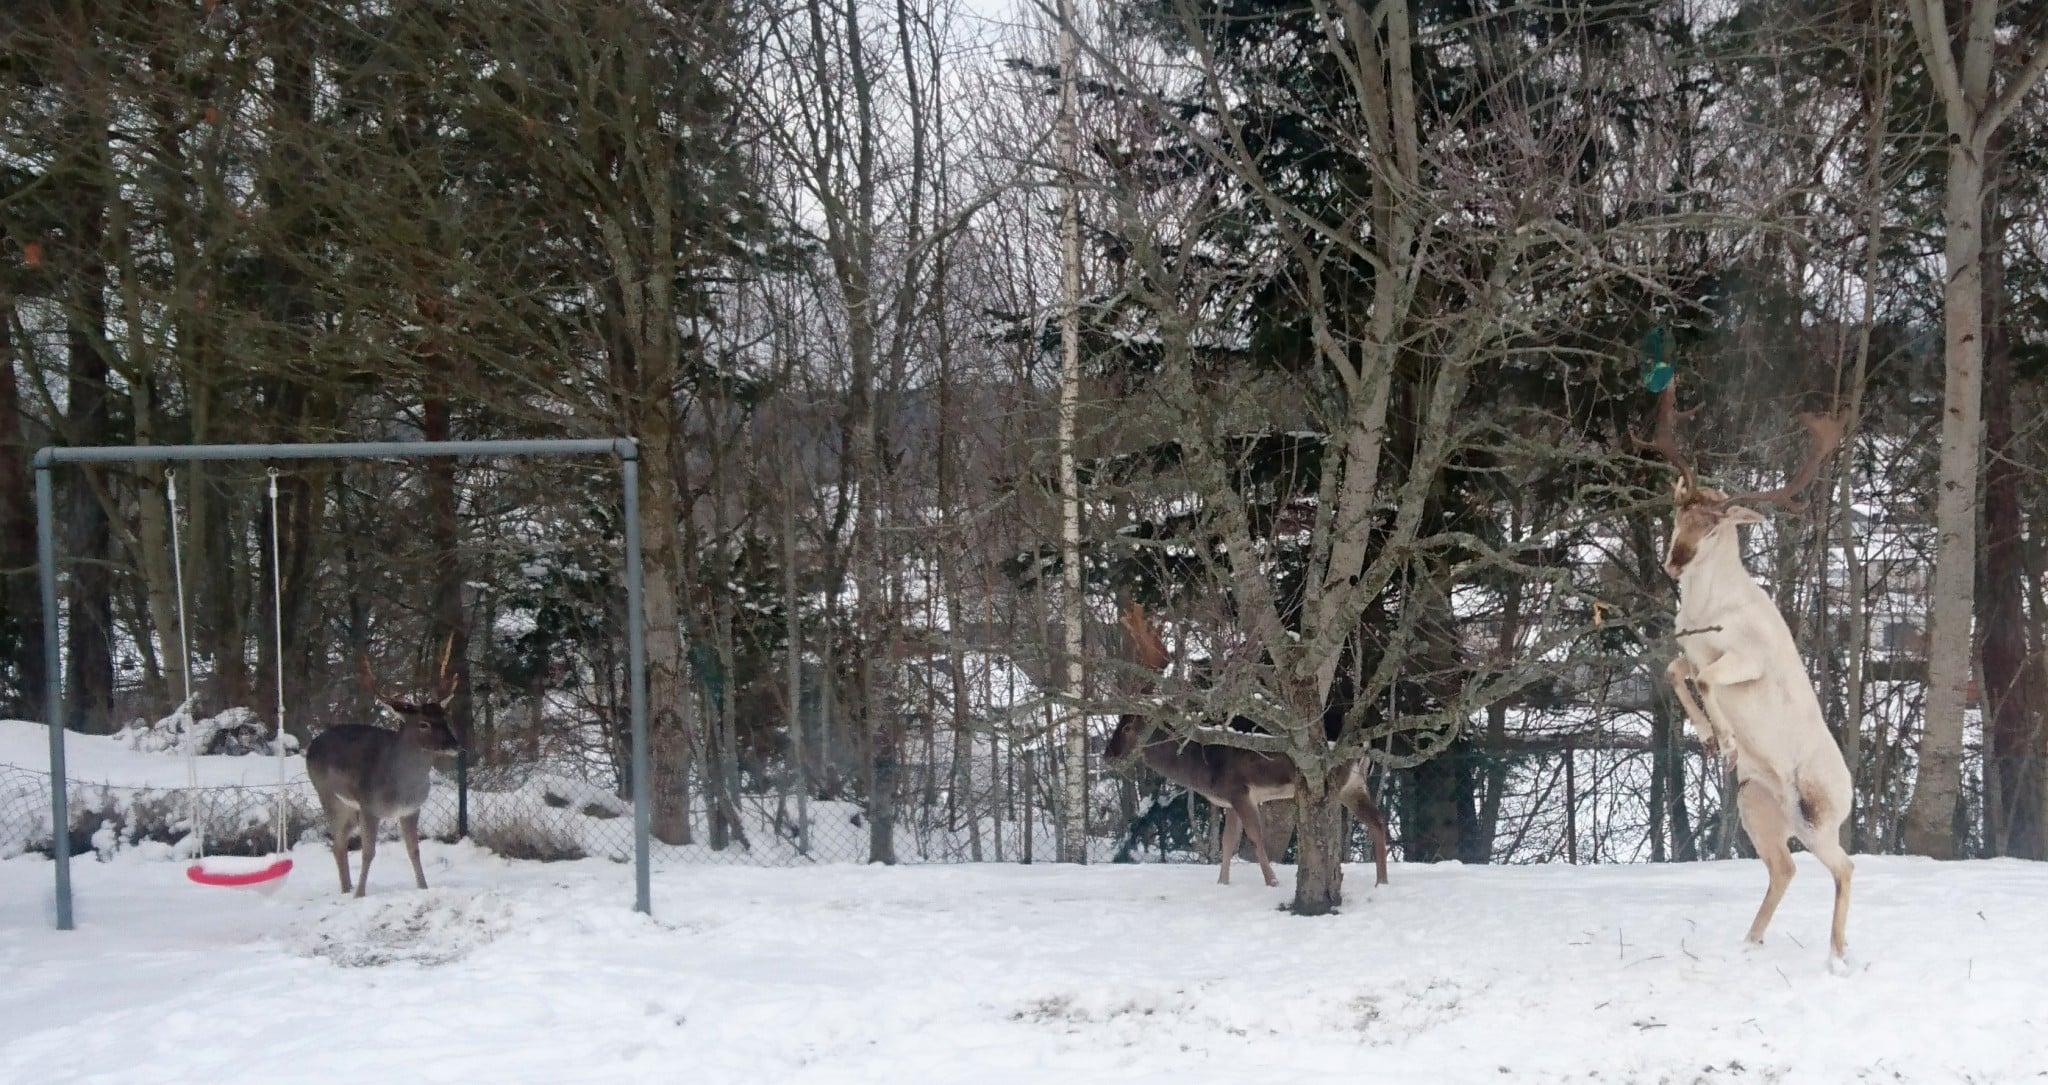 Hjorten stångar till behållaren med talgbollarna, för att få ner den från trädet. Ytterligare två hjortar är framme i trädgården samtidigt.